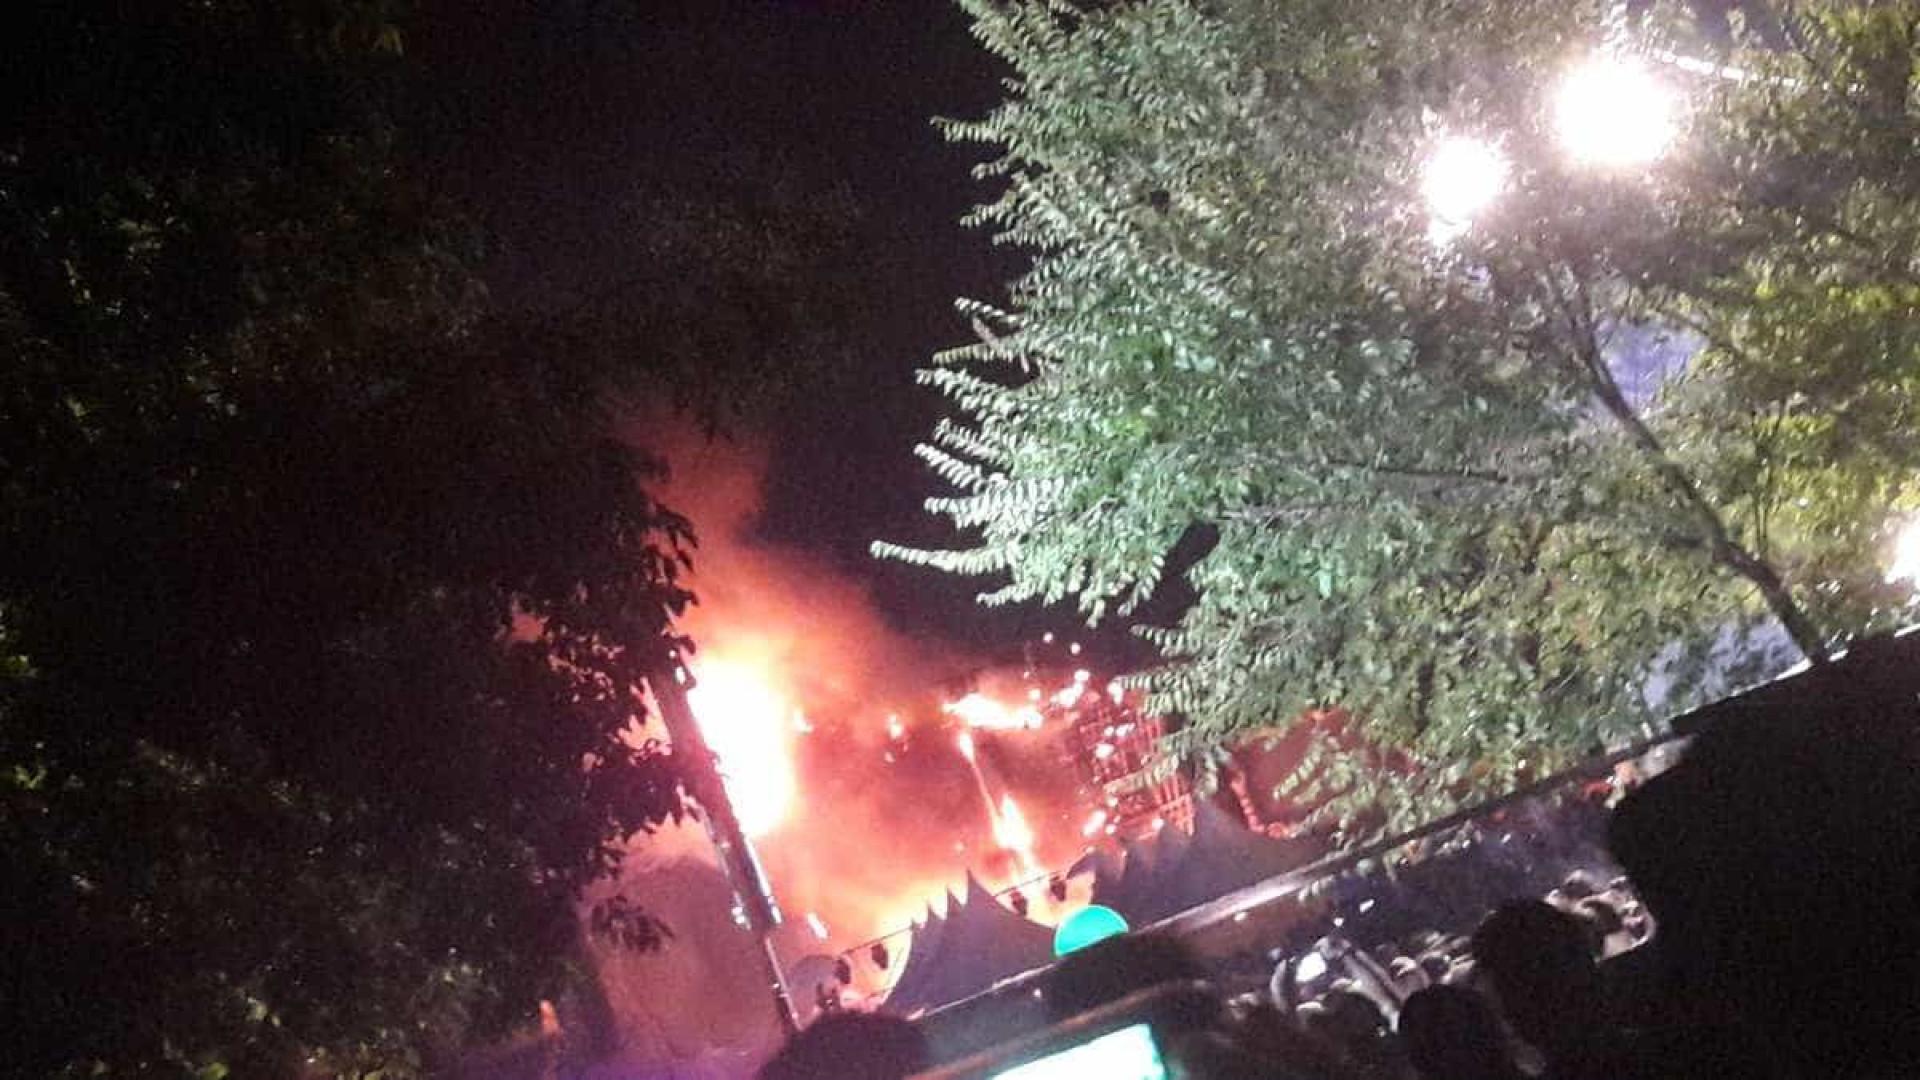 Palco do Tomorrowland pega fogo em Barcelona durante show de pirotecnia